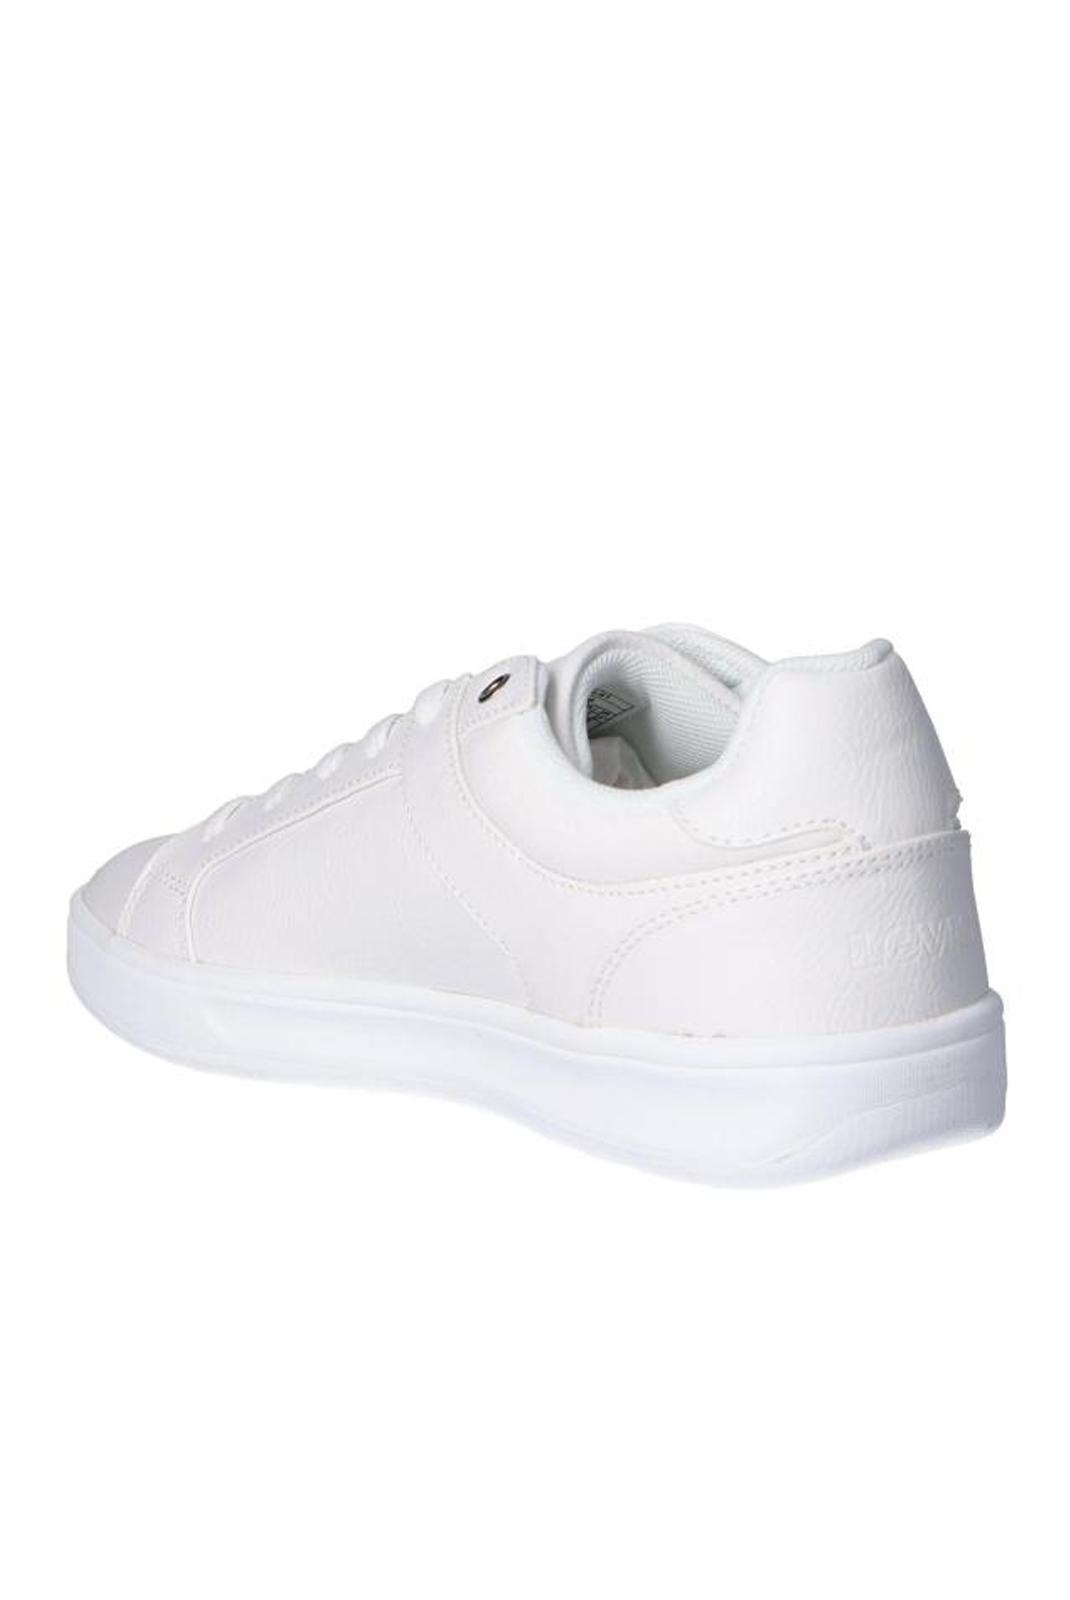 Chaussures de ville  Levi's OSTRANDER 232806-EU-618-51 WHITE